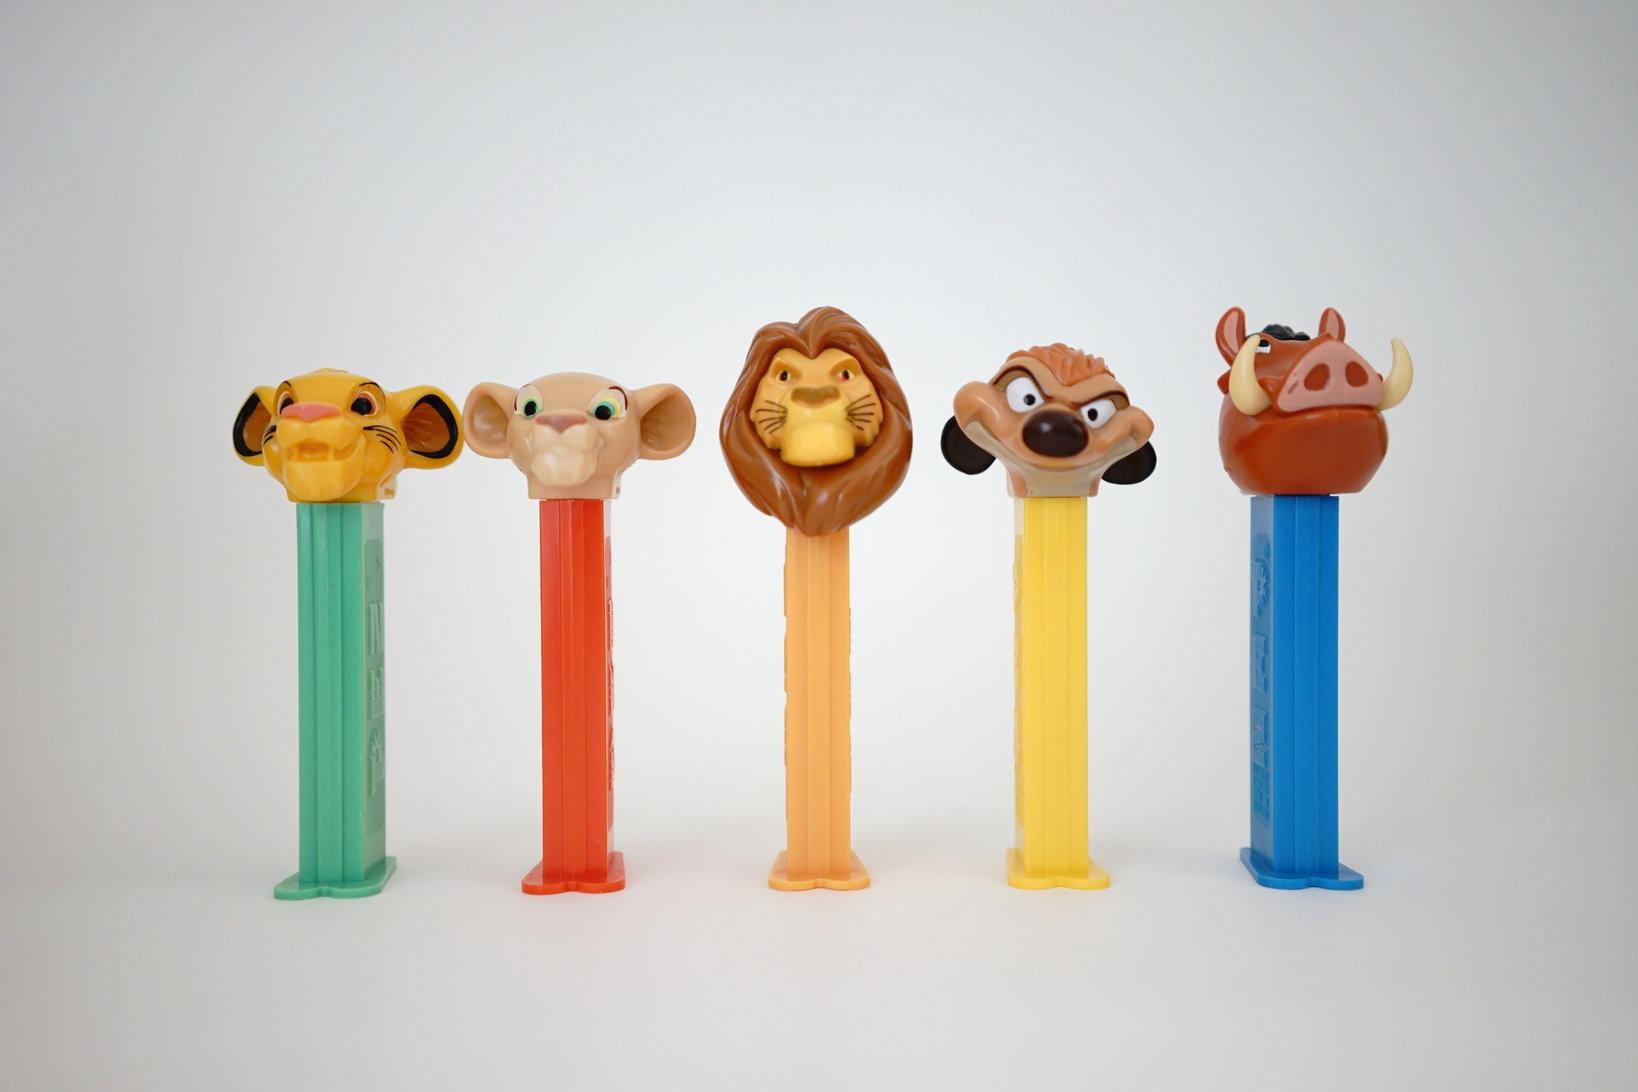 (左から)シンバ(幼少)、ナラ(幼少)、ムファサ、ティモン、プンバ